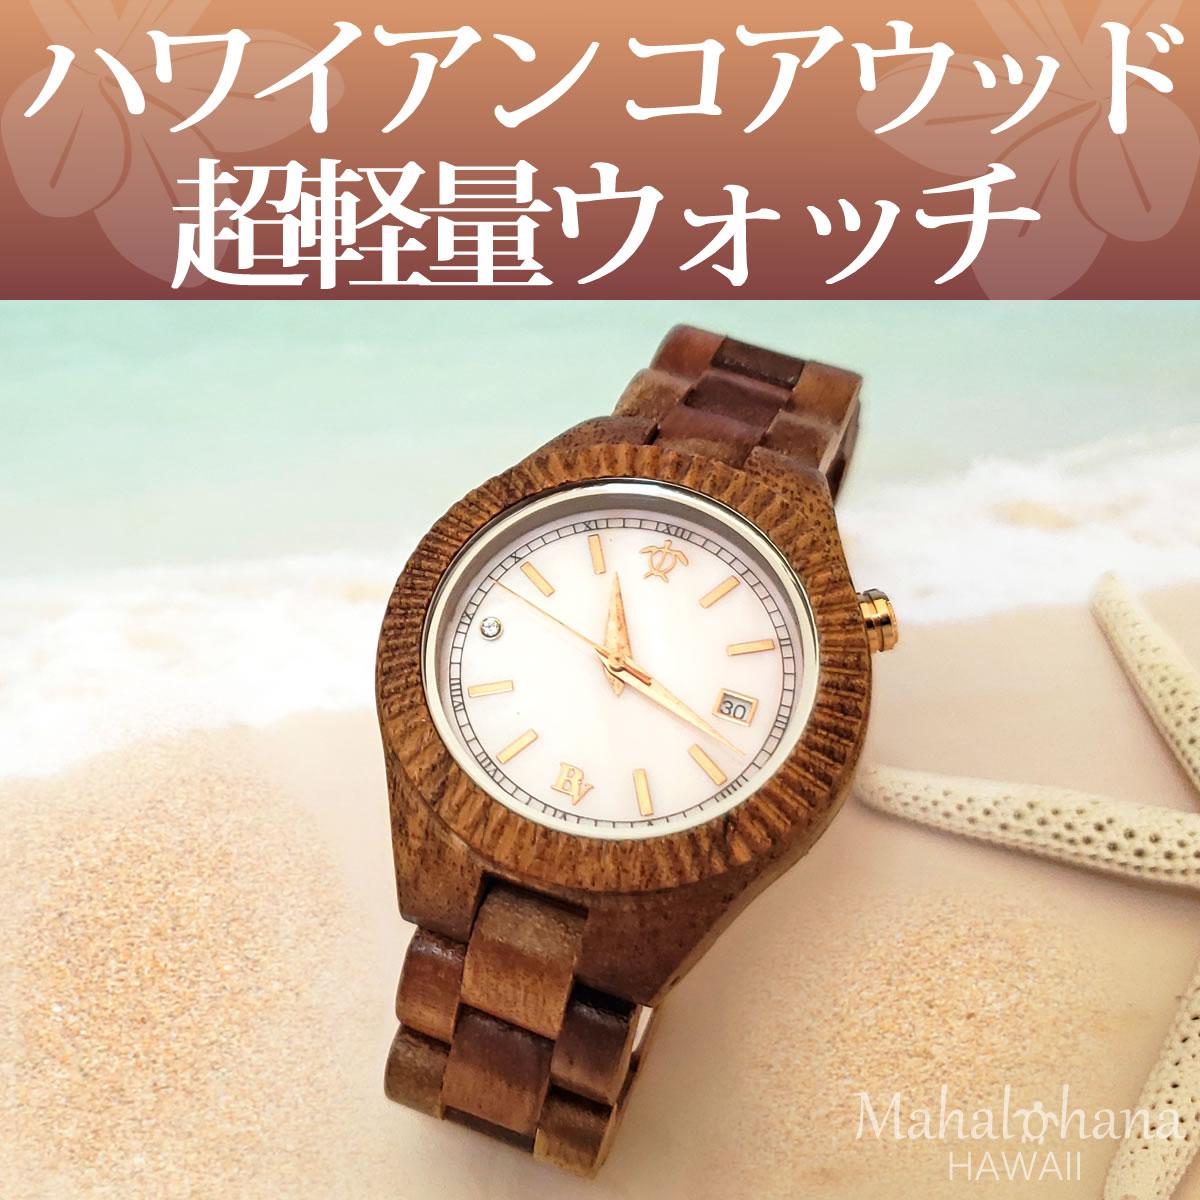 ハワイアンコアウッド腕時計ホヌ